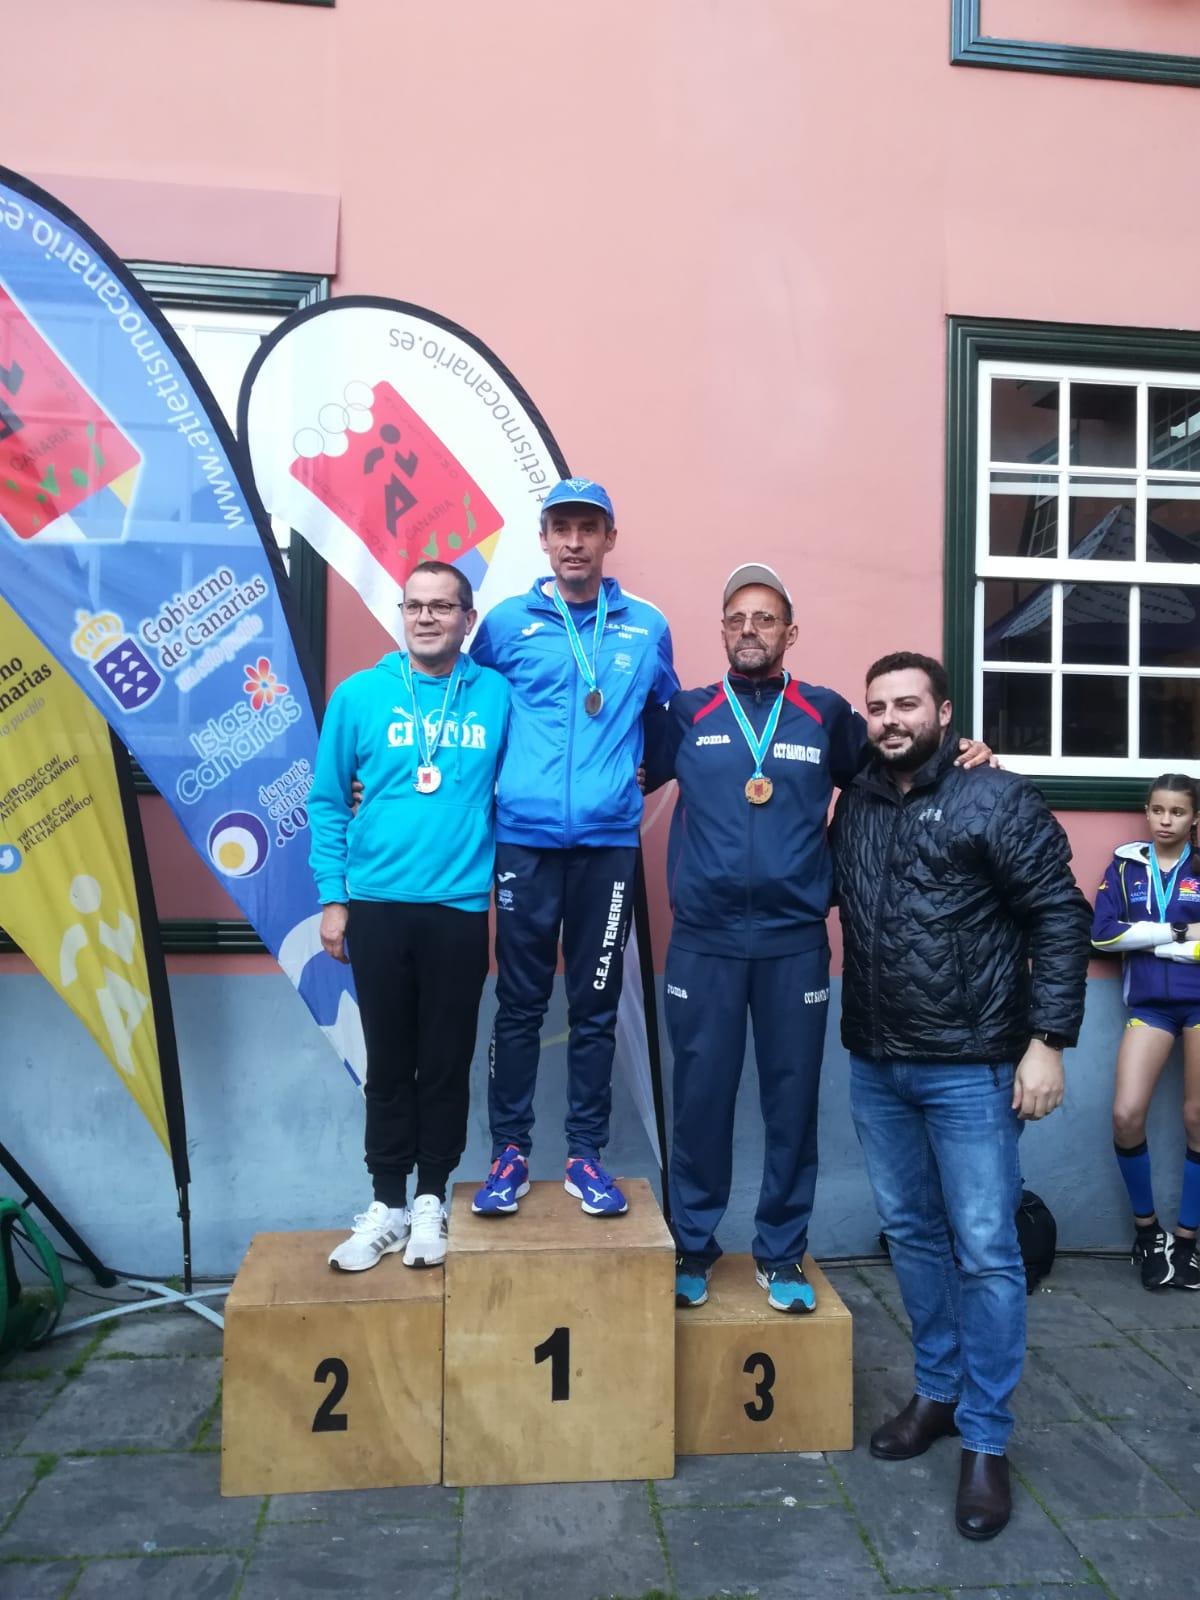 El Campeonato de Canarias conoce a sus vencedores en La Laguna